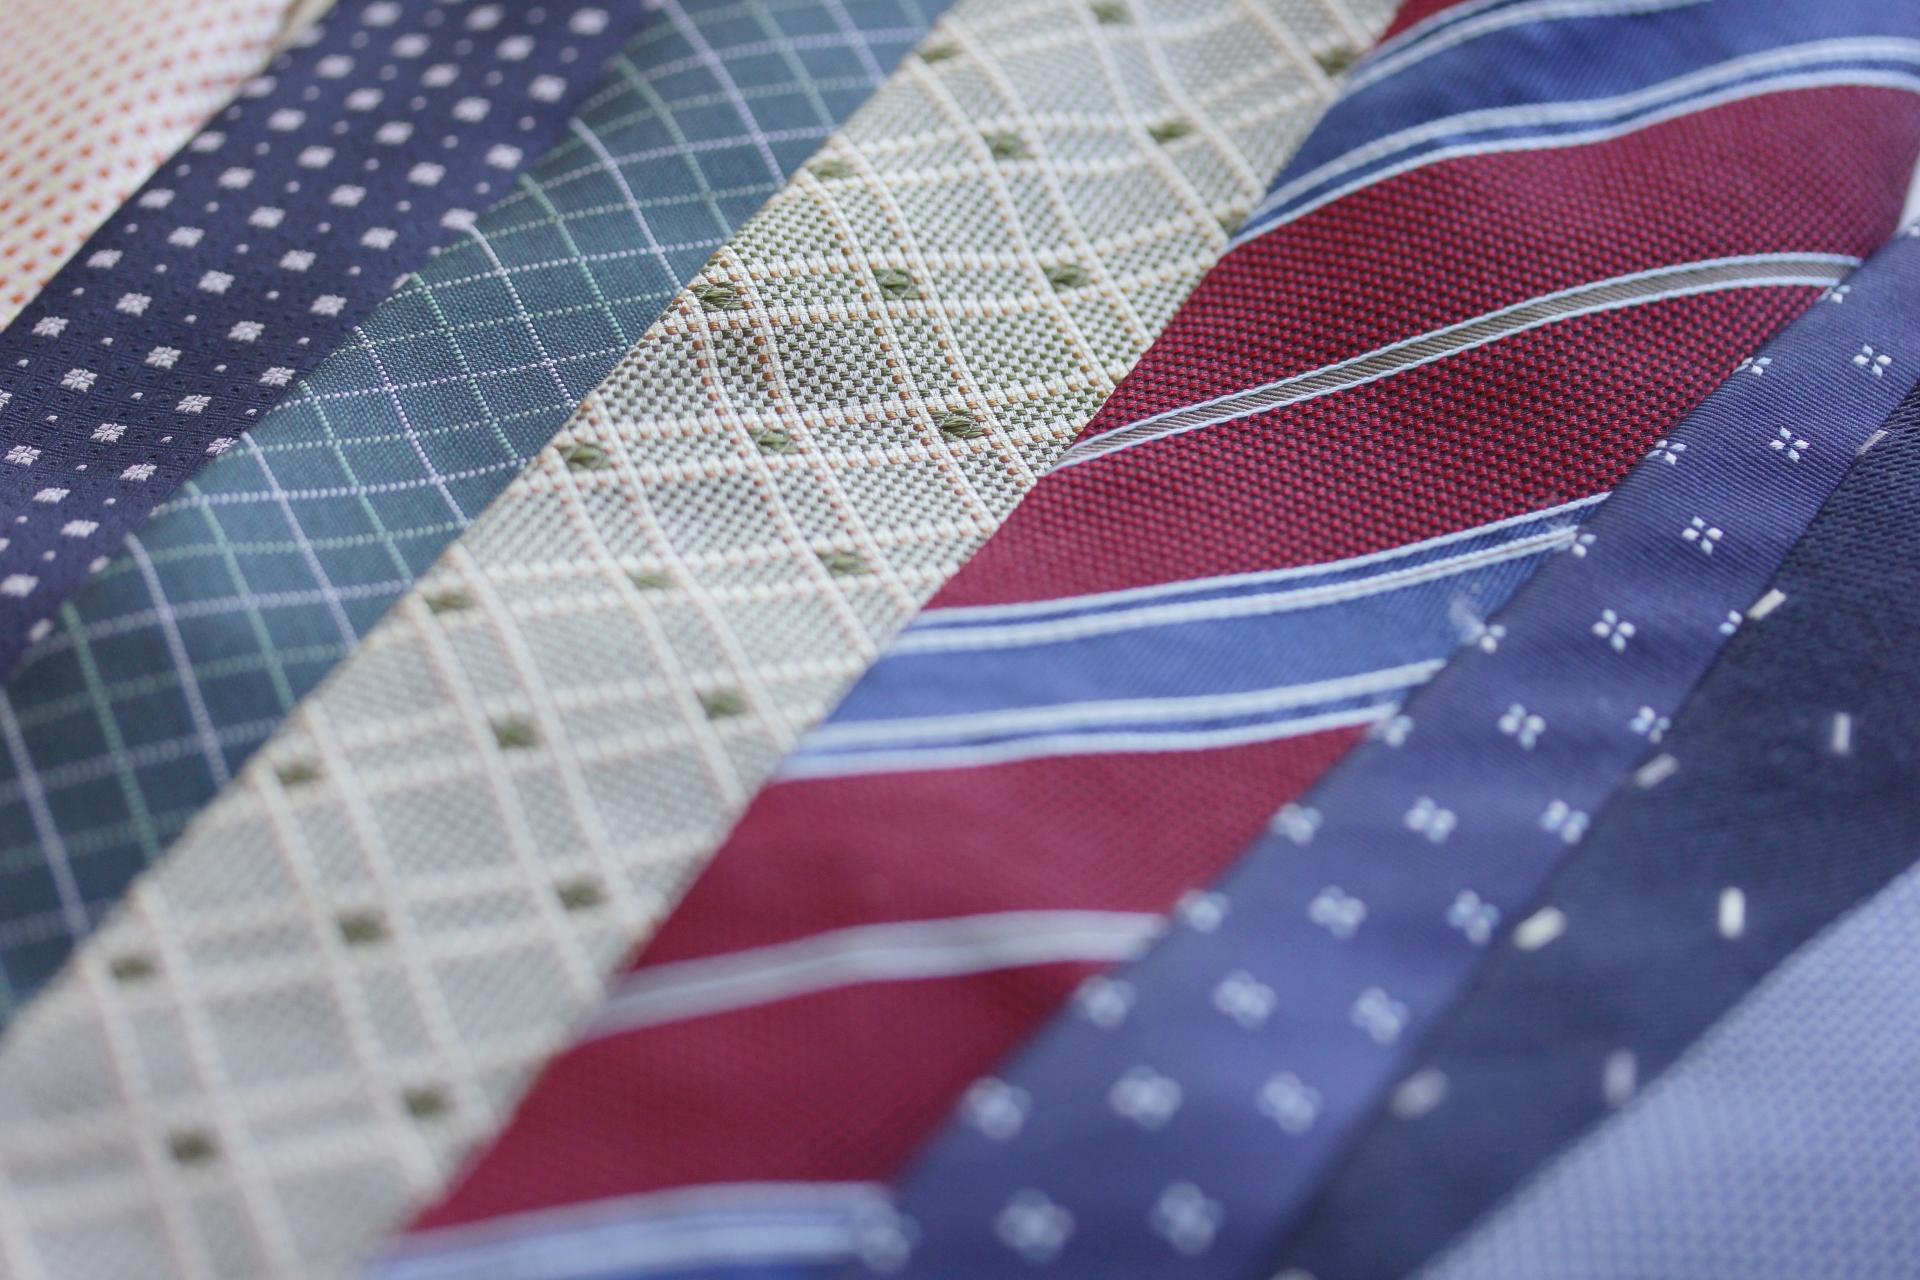 ネクタイのおすすめ11選!おしゃれでセンスの良いものを